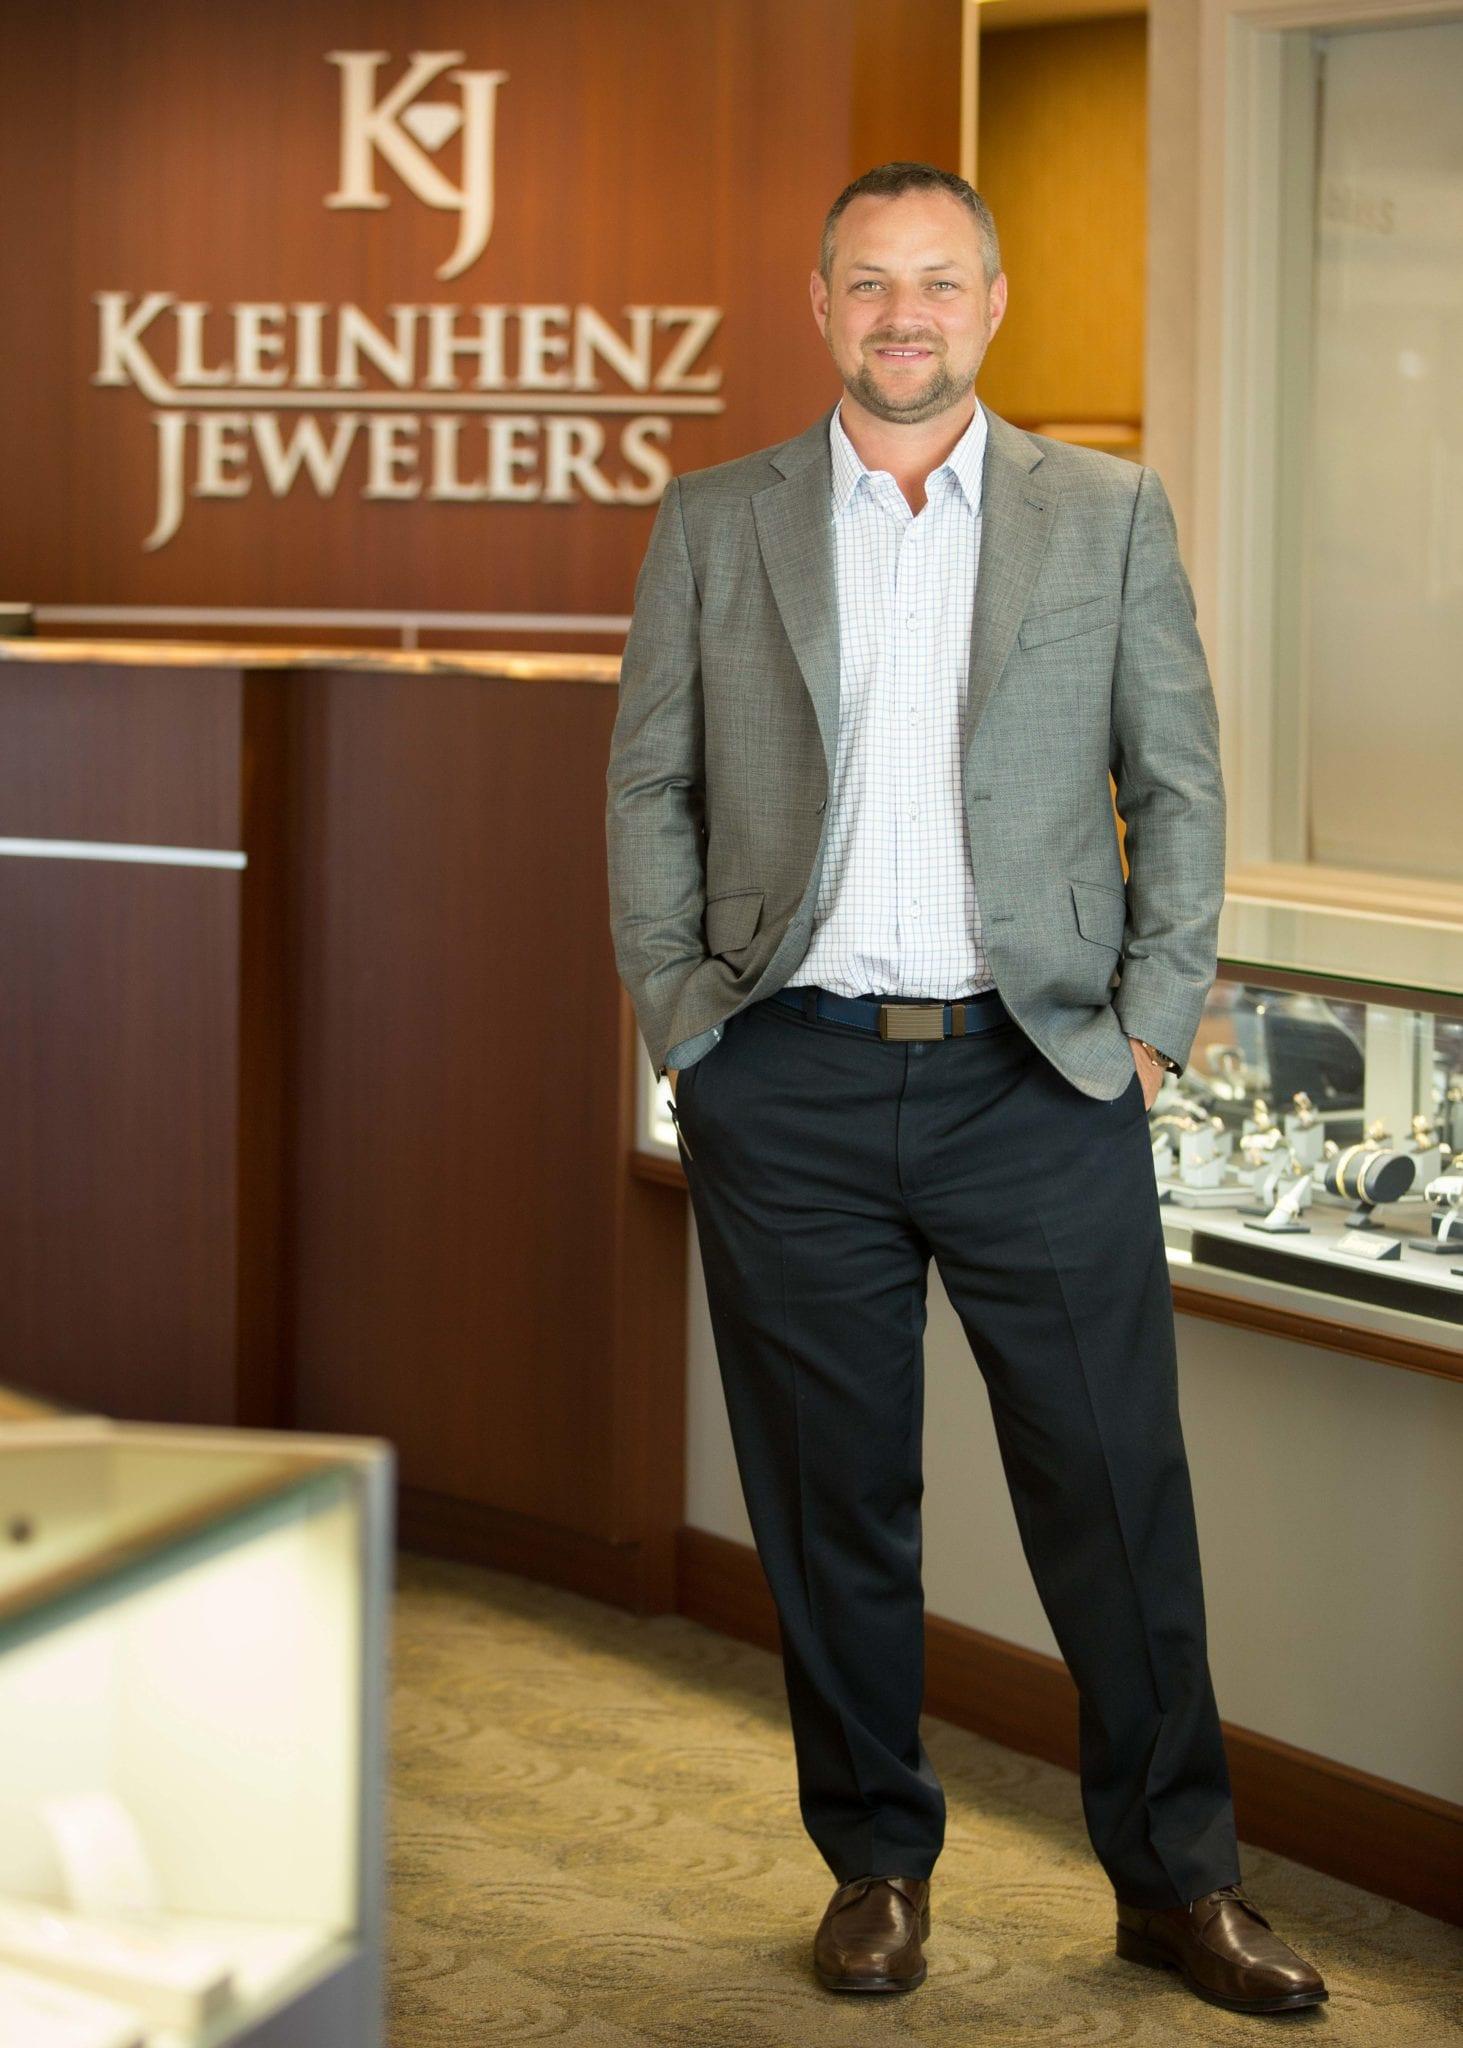 Ken Kleinhenz